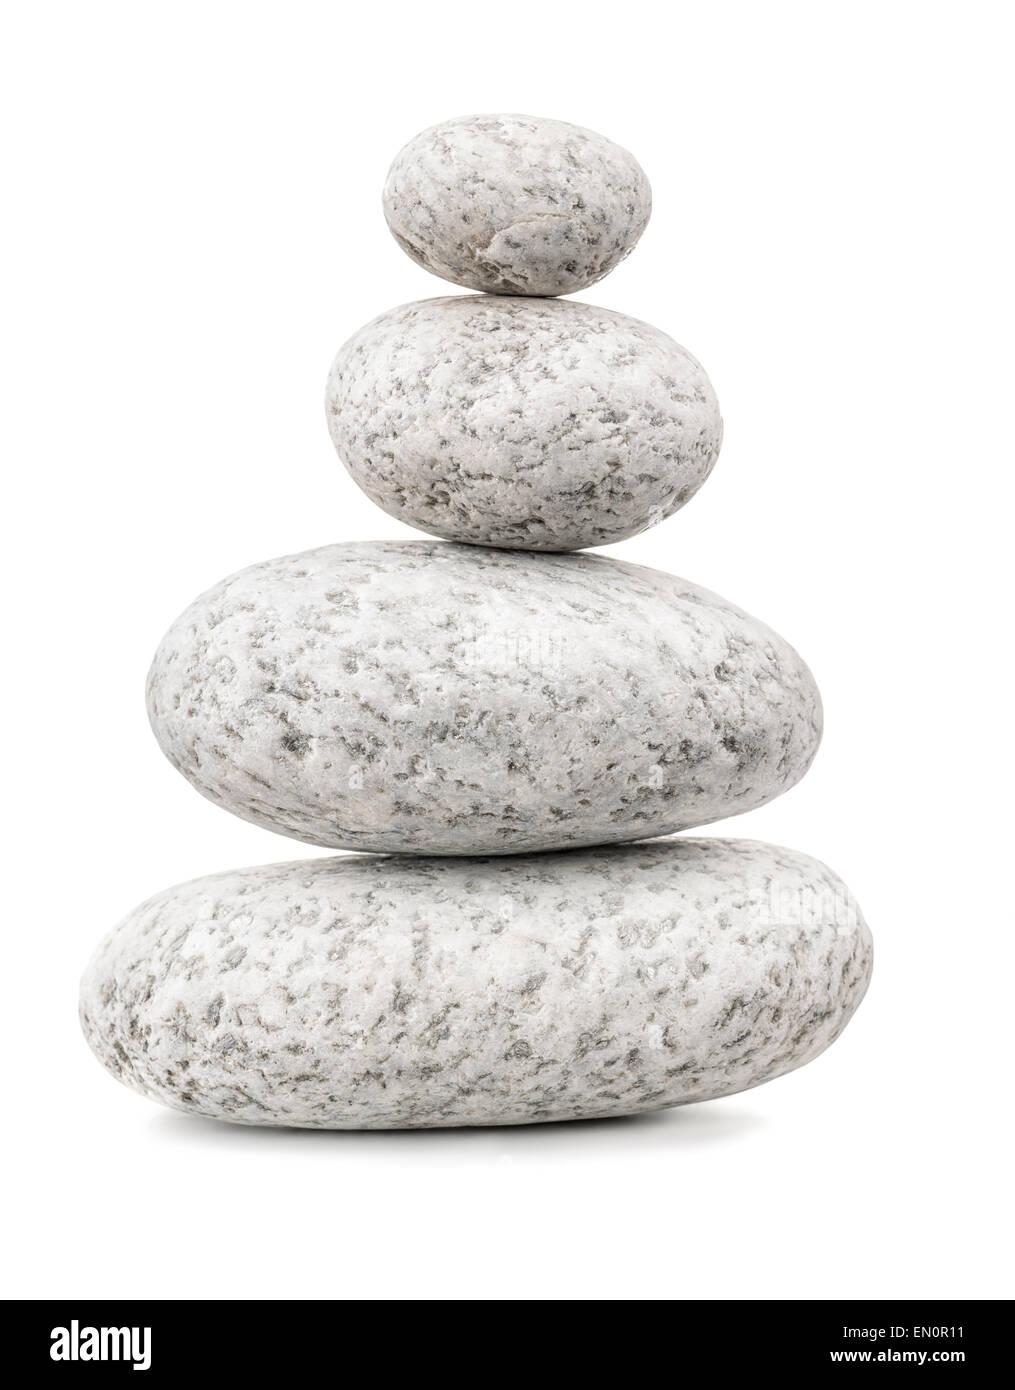 Guijarros equilibrada aislado en blanco Imagen De Stock